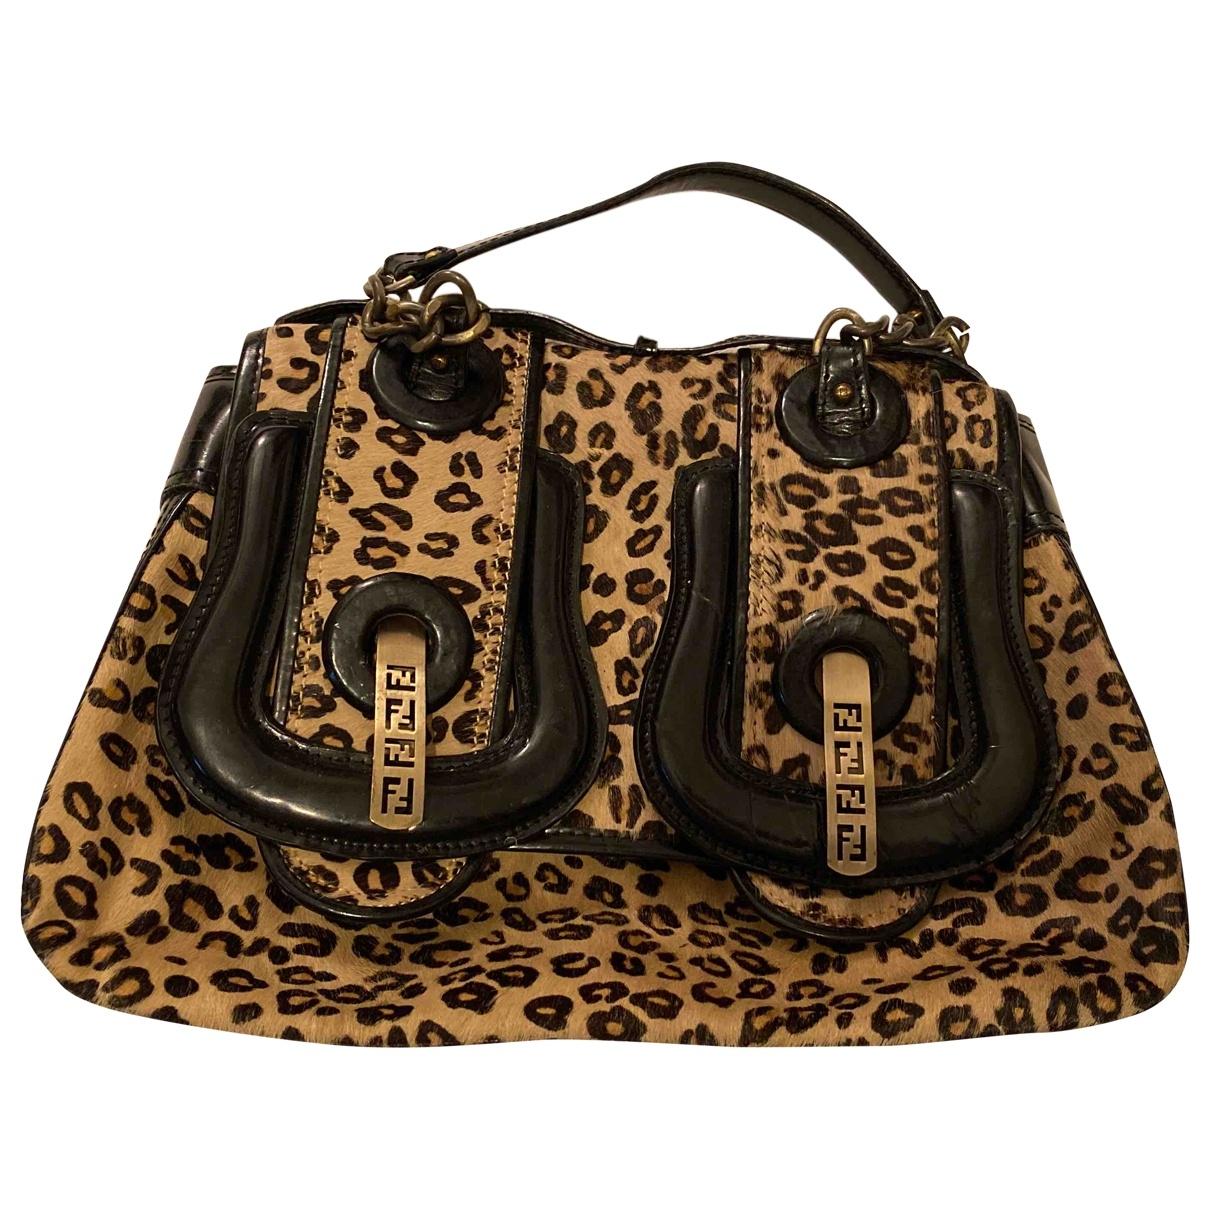 Fendi B Bag Handtasche in  Beige Kalbsleder in Pony-Optik